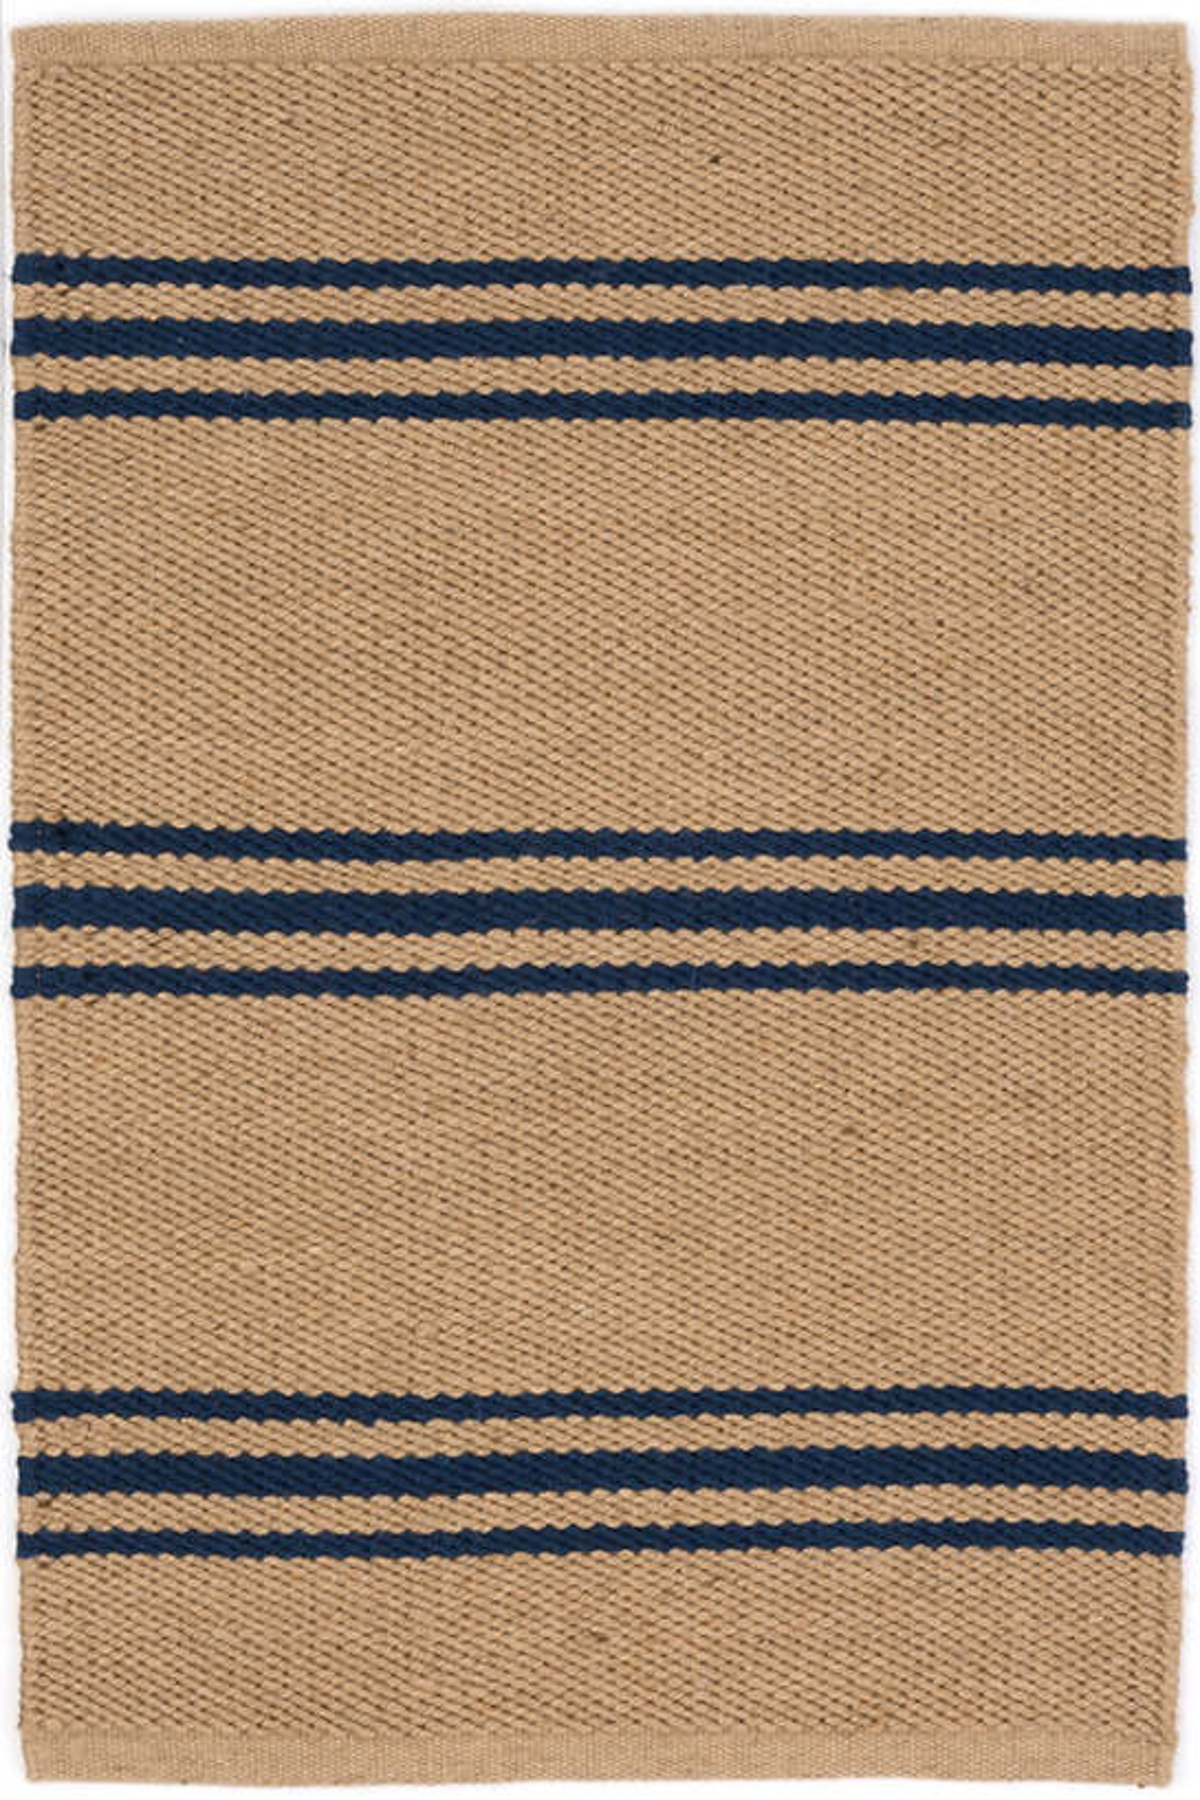 Lexington Navy/Camel Indoor/Outdoor Rug